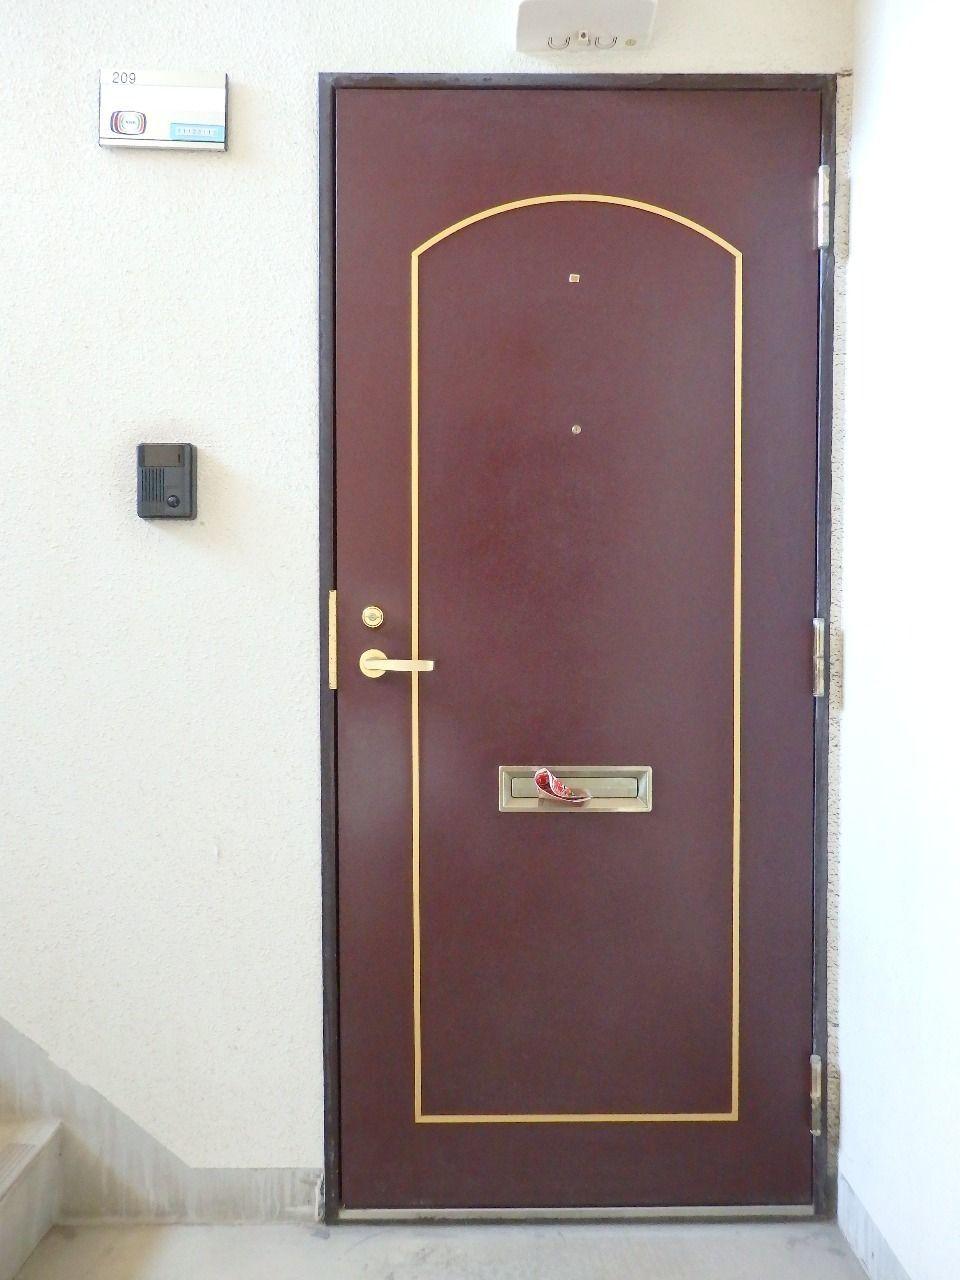 シングルロックタイプの鍵が設置されています。